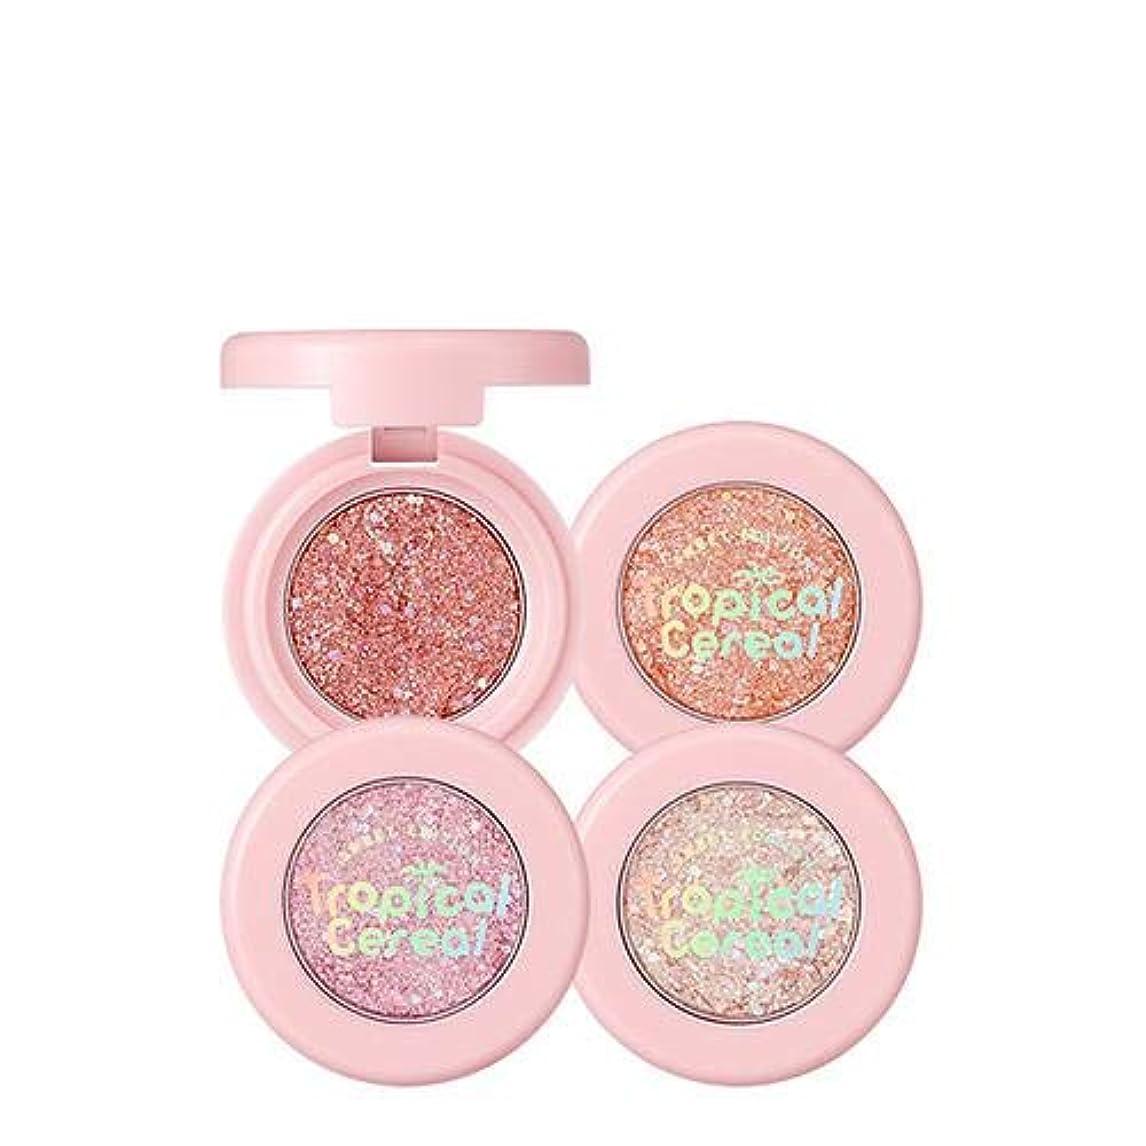 消える空洞州トニーモリー トロピカル シリアル グリッター フレーク 1.3g / TONYMOLY [Tropical Cereal Edition] Glitter Flake #2. Pink Cranberry [並行輸入品]